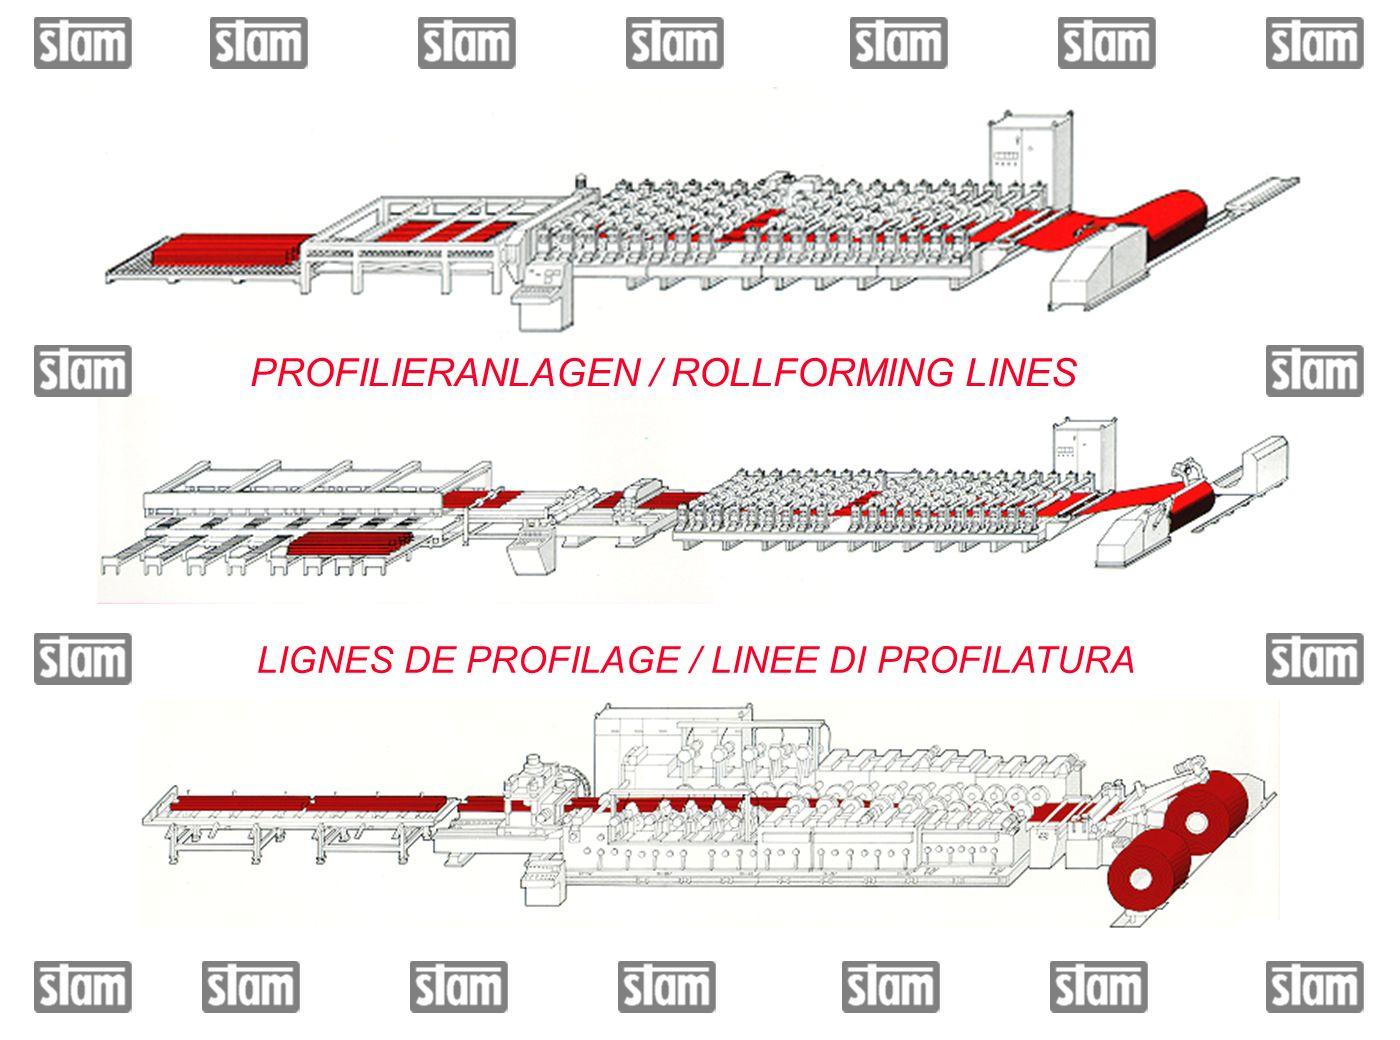 PROFILIERANLAGEN / ROLLFORMING LINES